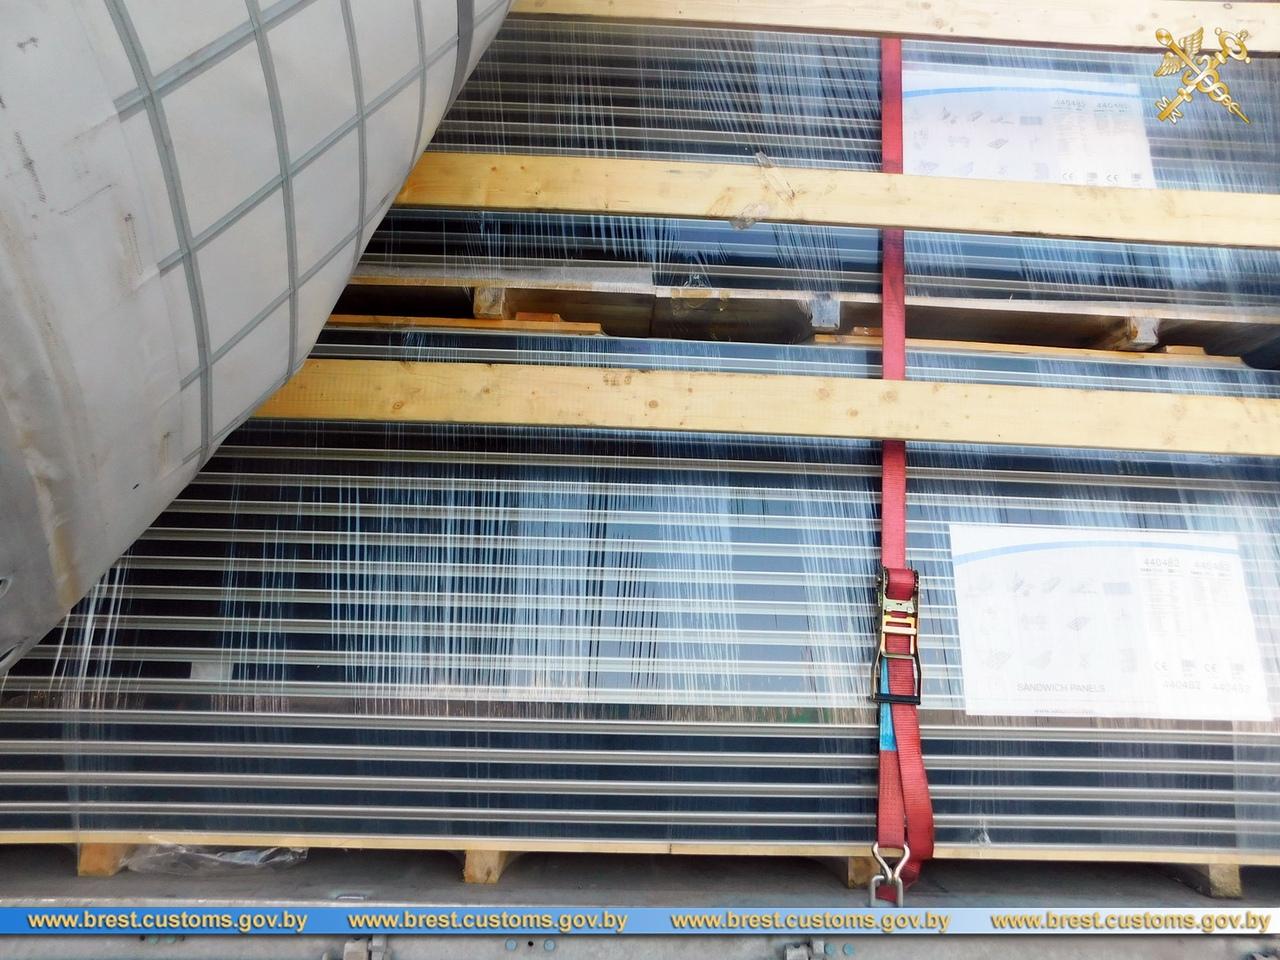 Обнаружена партия незадекларированного строительного материала - сэндвич-панелей